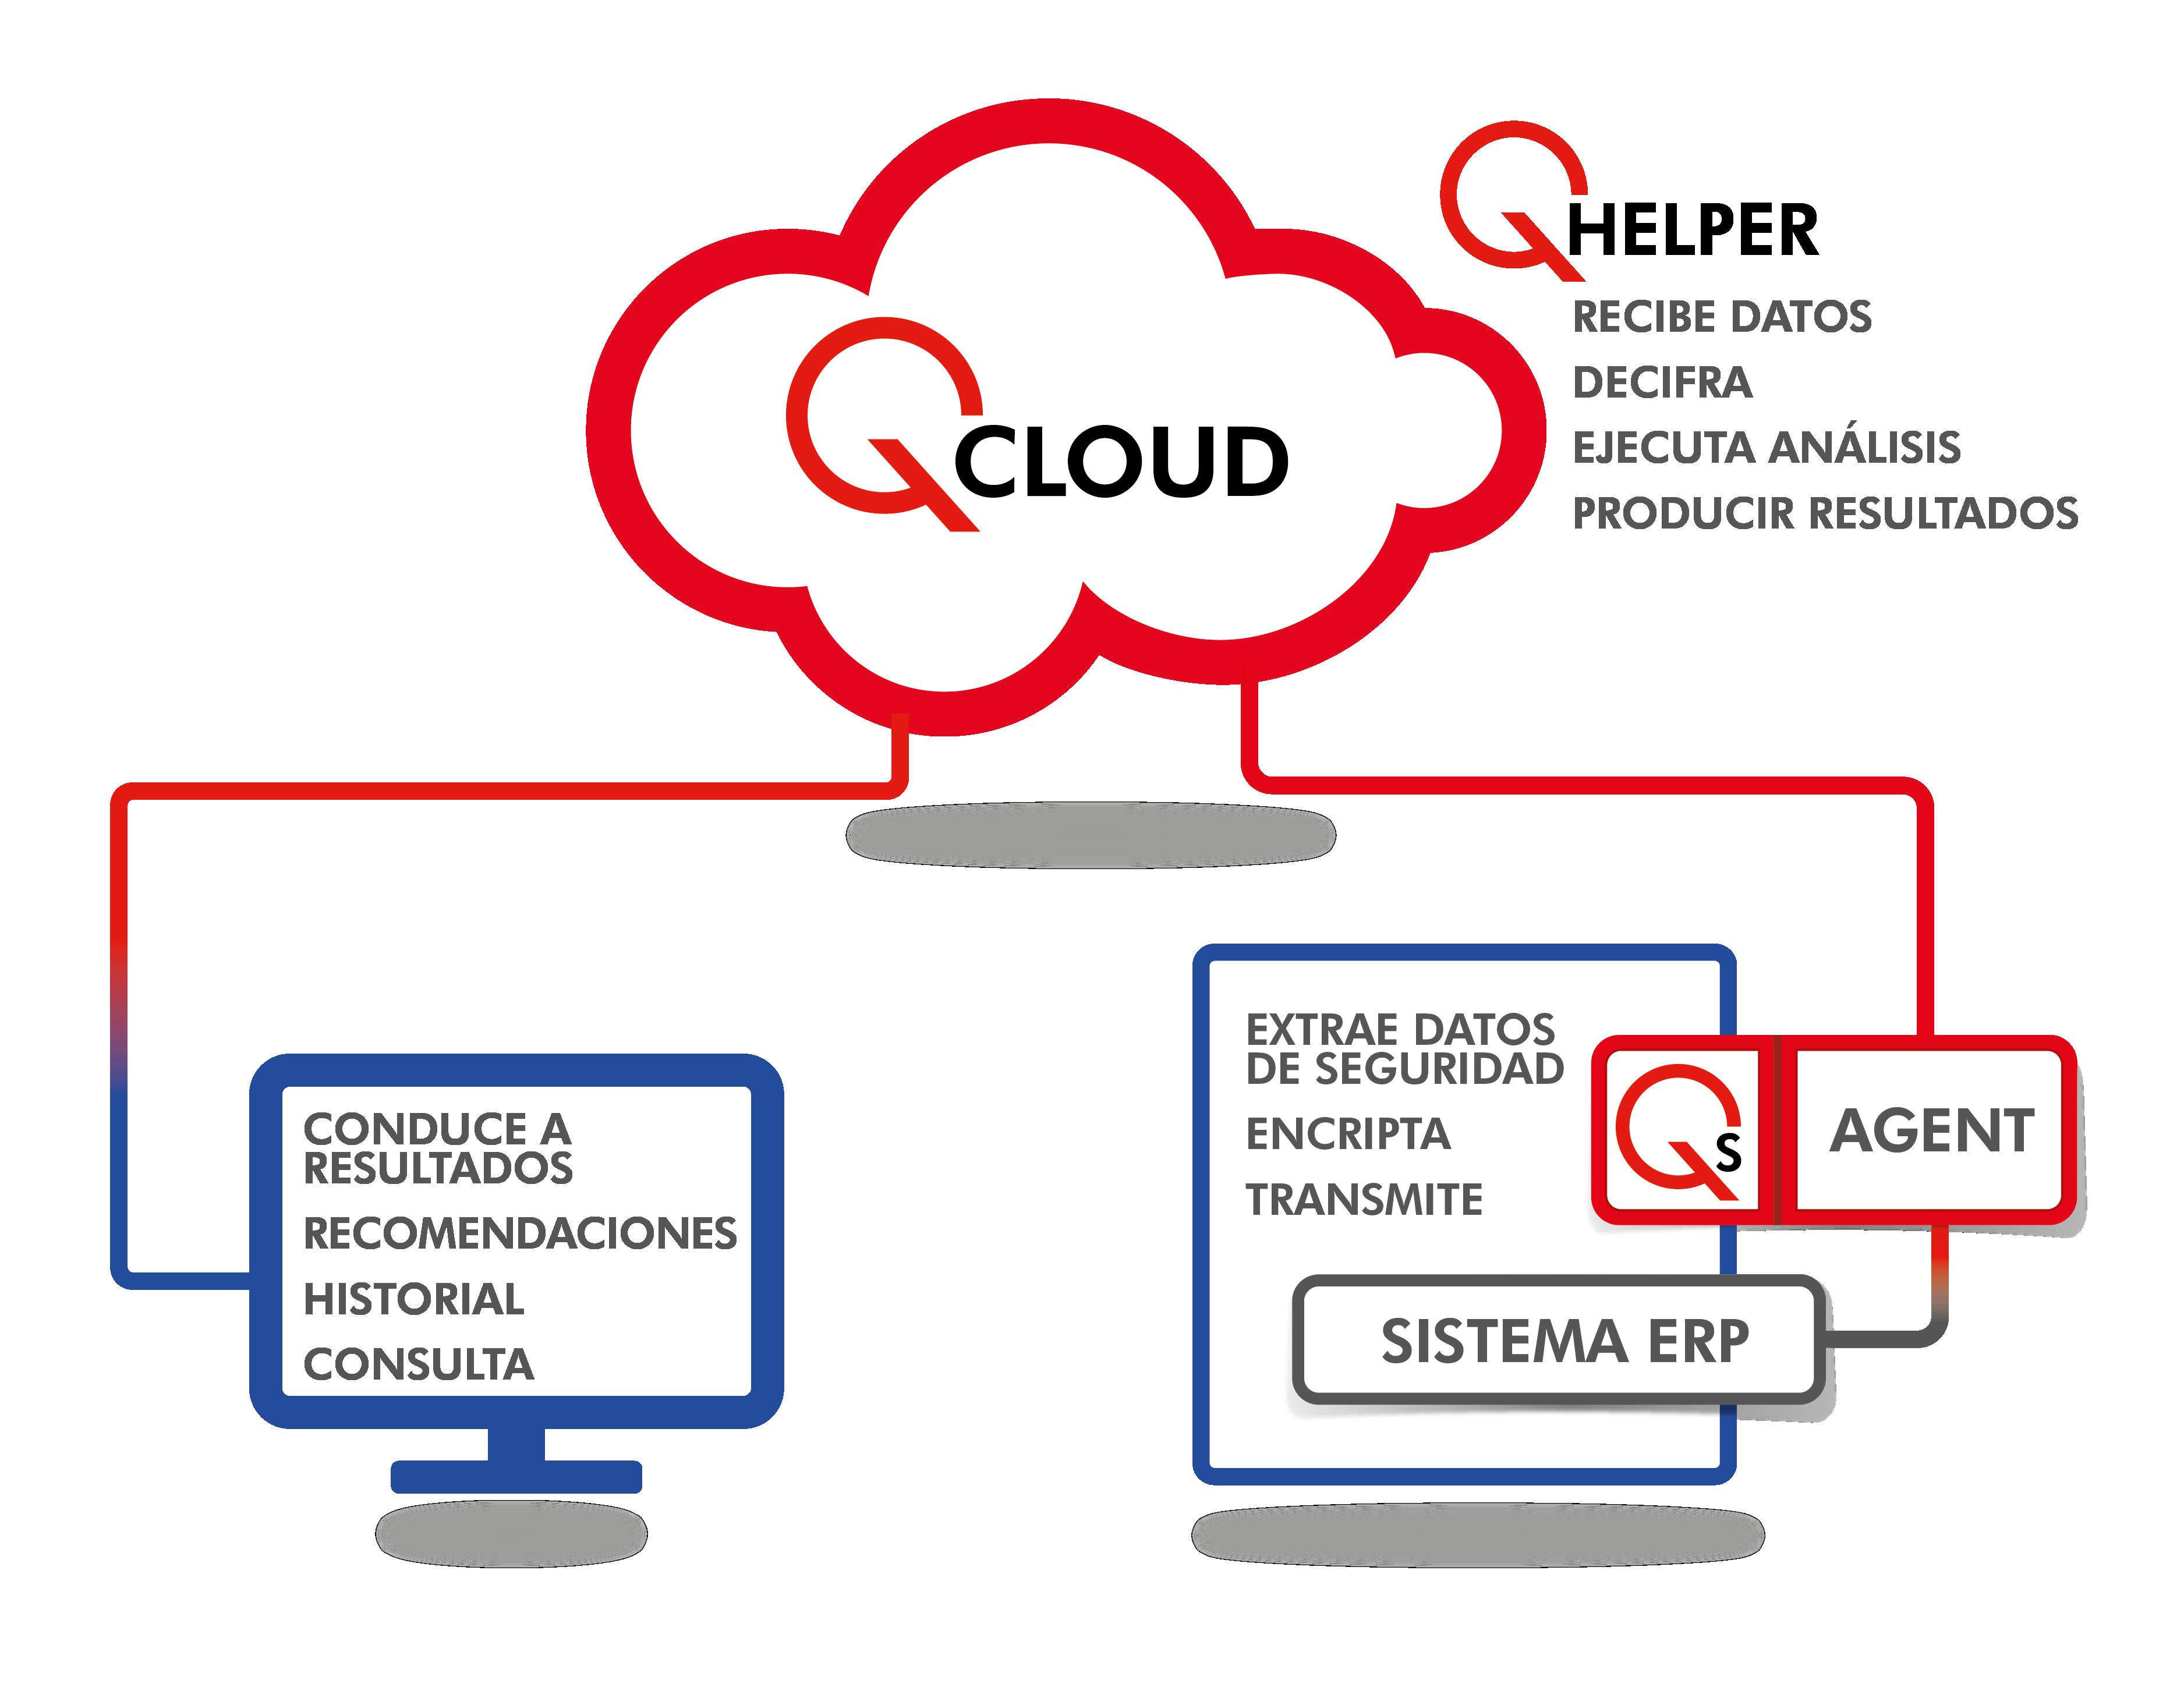 QCloud diagram